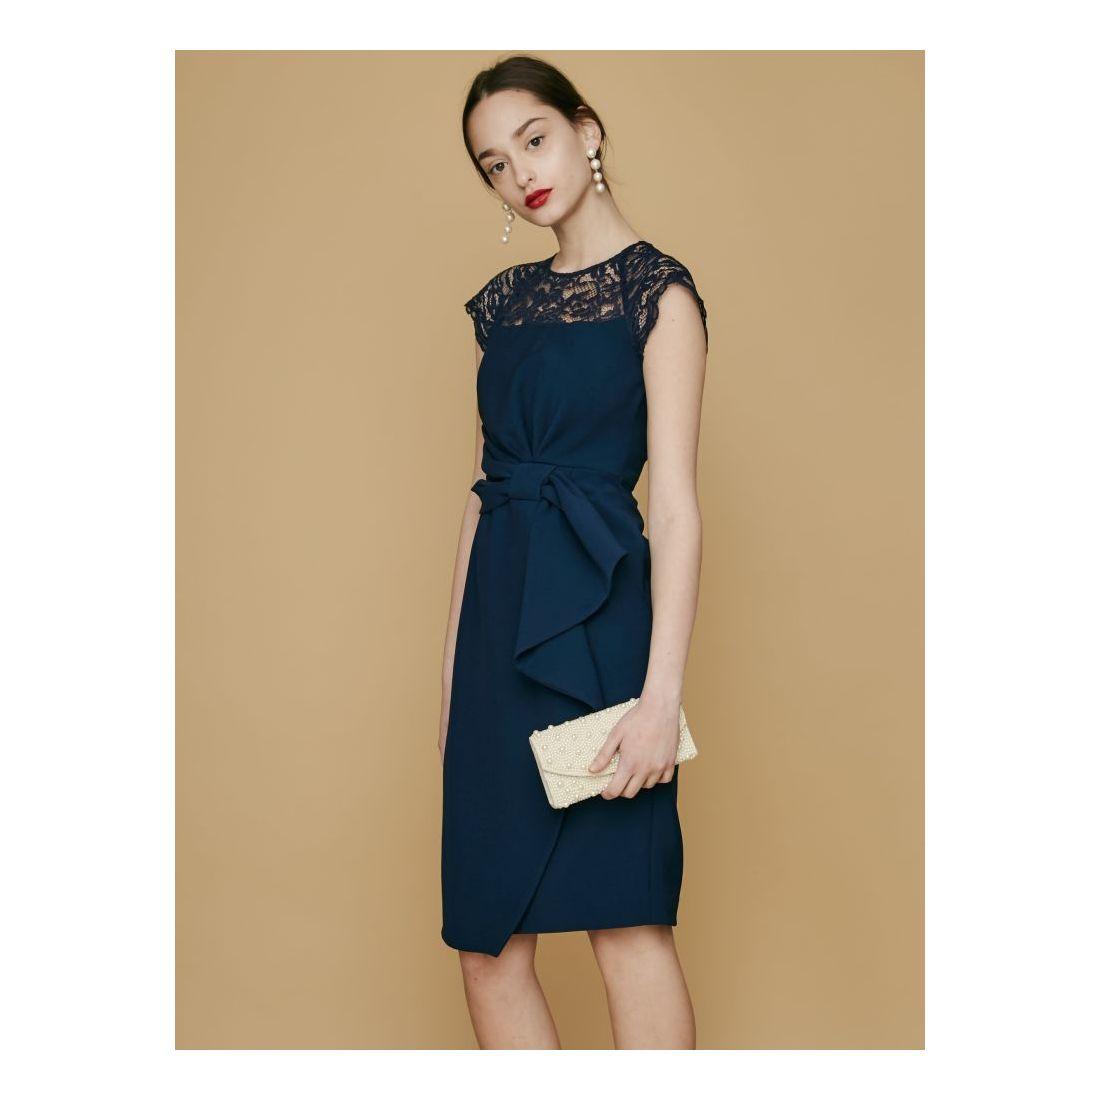 37d28e729d897 LAGUNAMOON LADYラッフルリボンタイトドレス(ネイビー) -レディースファッション通販 ロコンドガールズコレクション (ロココレ)